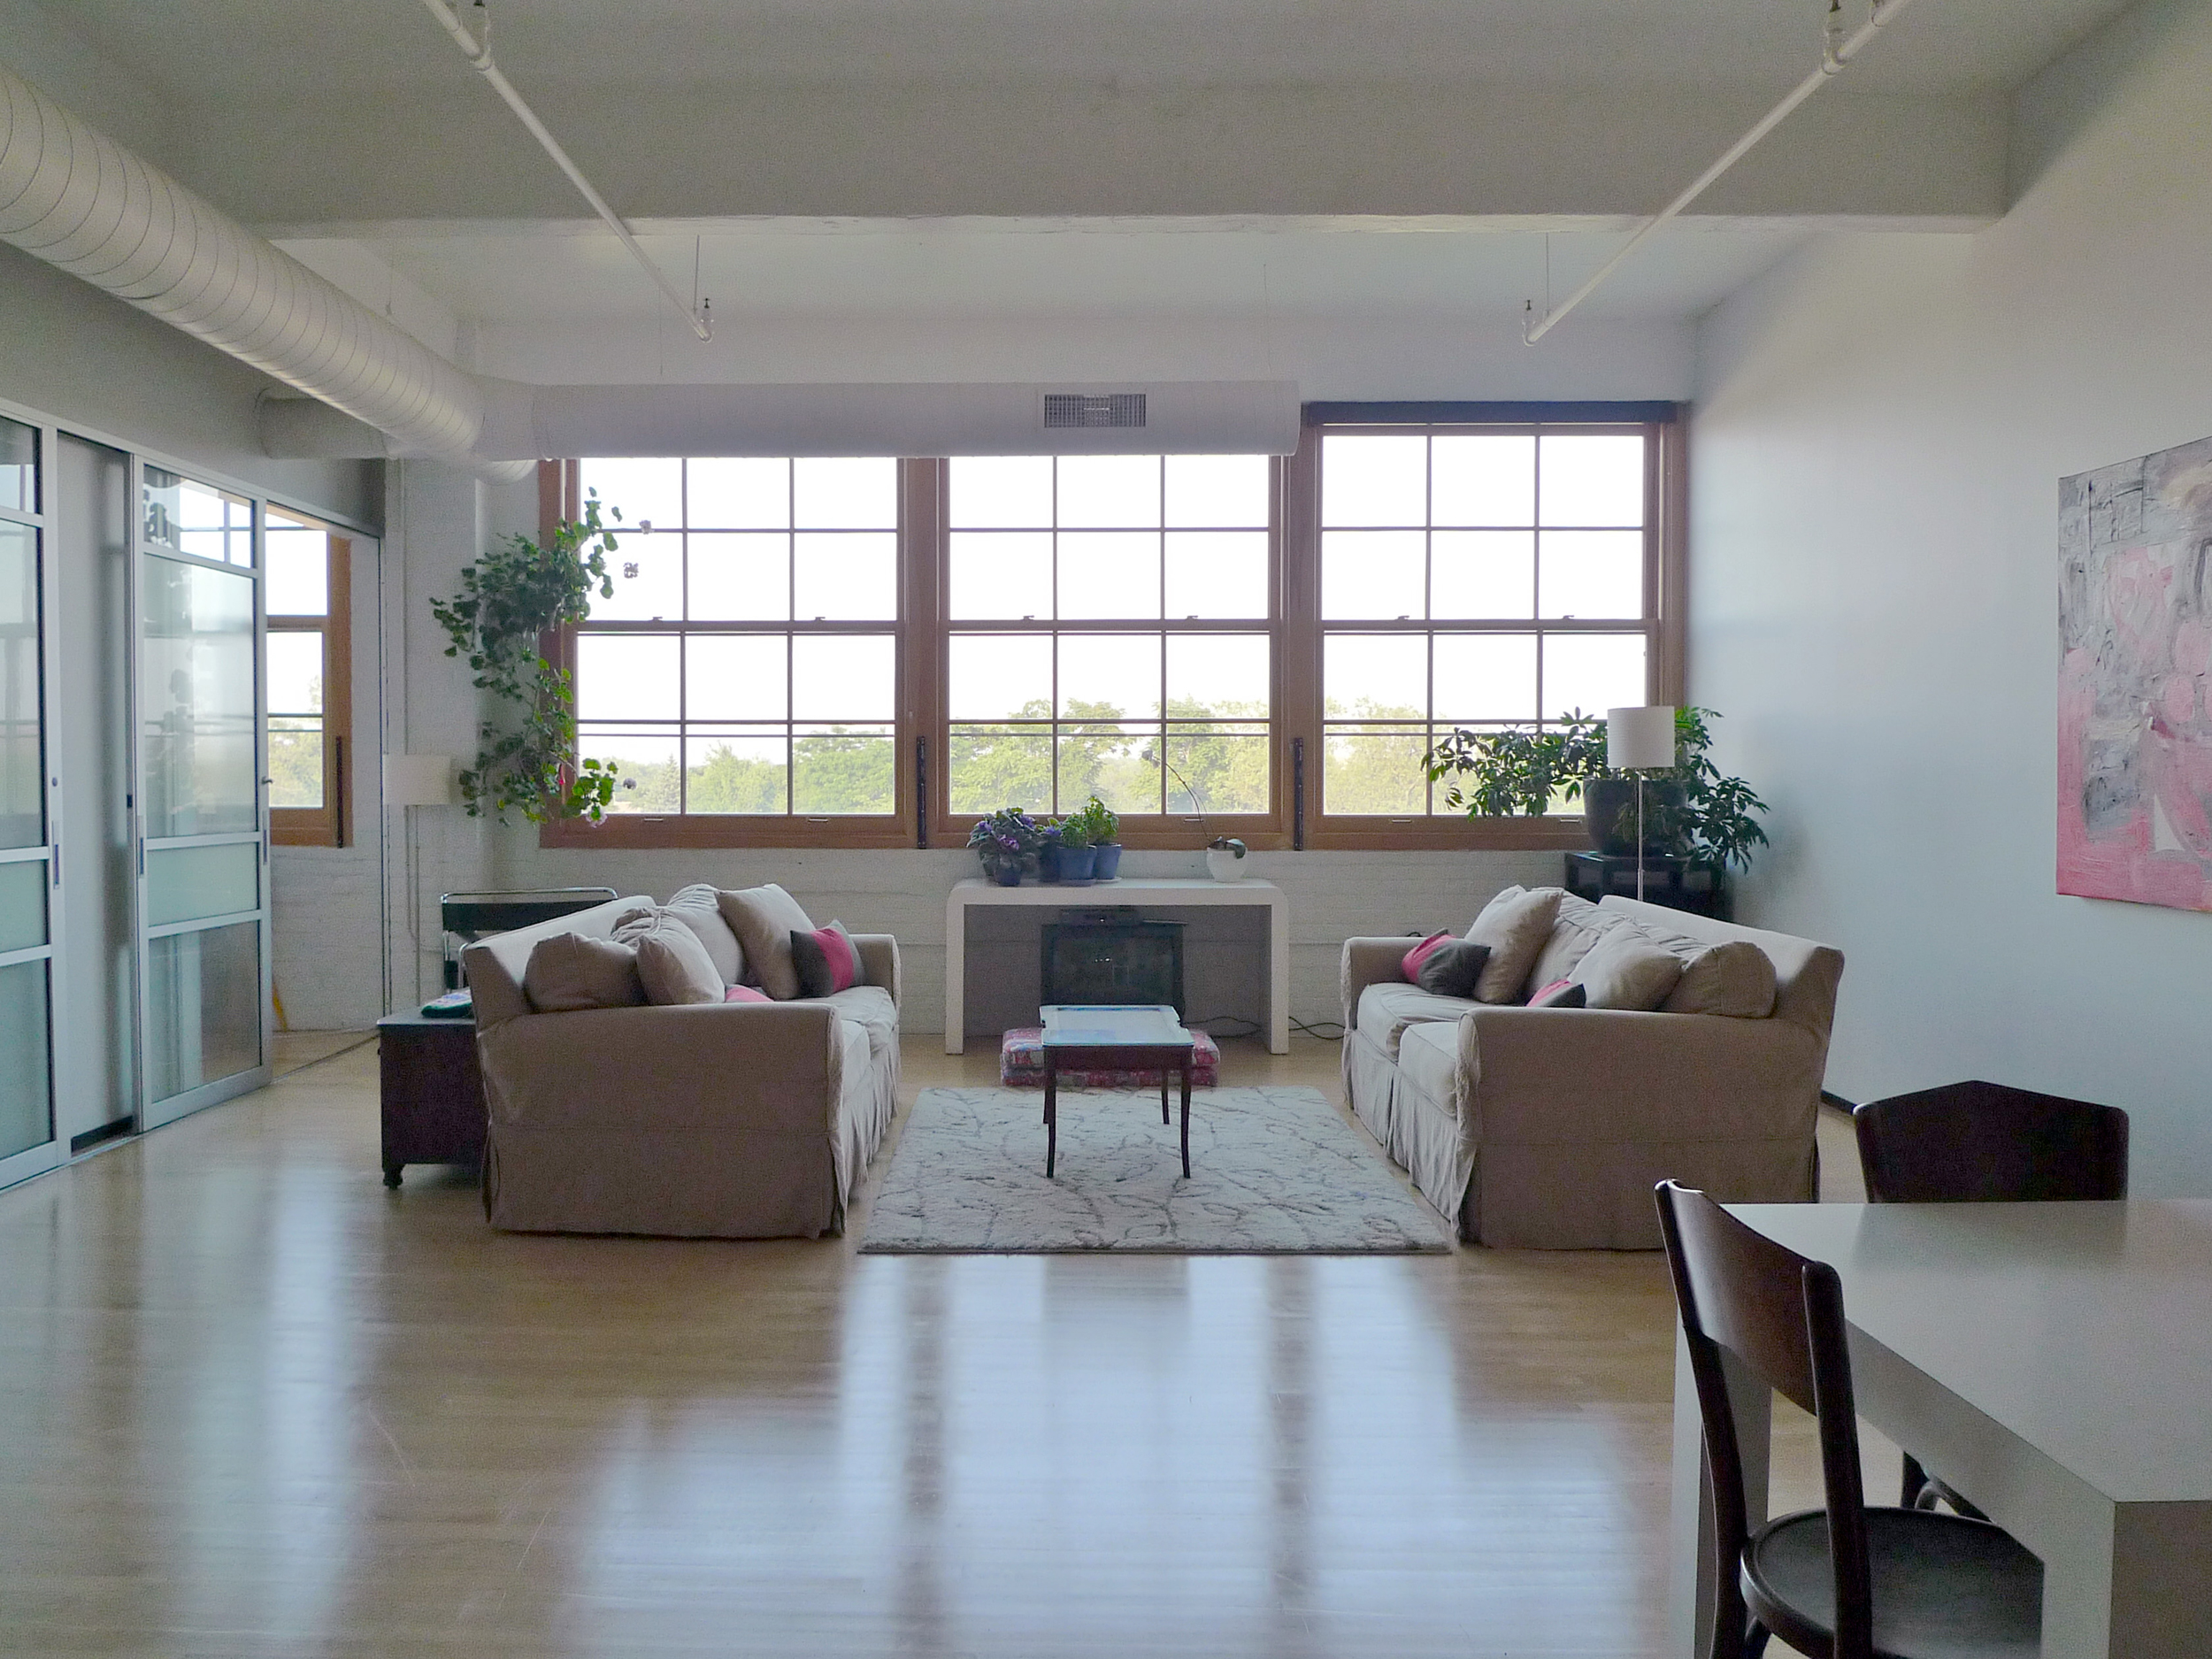 Artspace Buffalo Lofts Hhl Architects